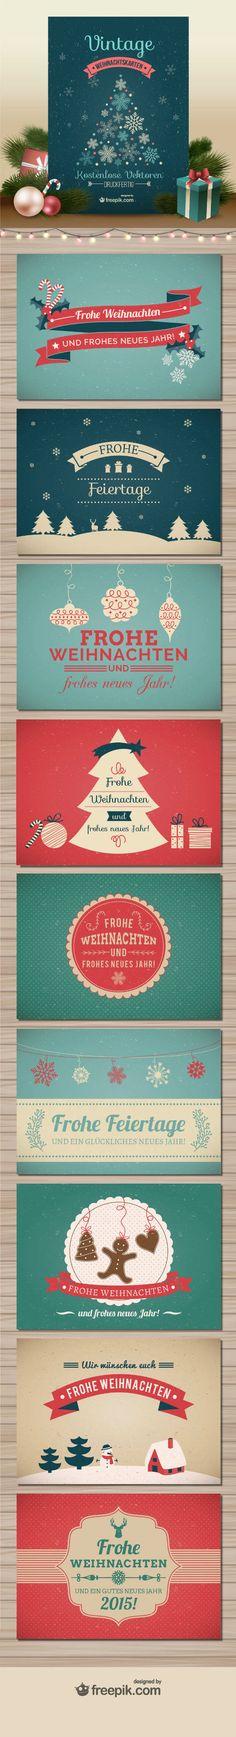 Schnelle noch eine Weihnachtskarte verschicken!